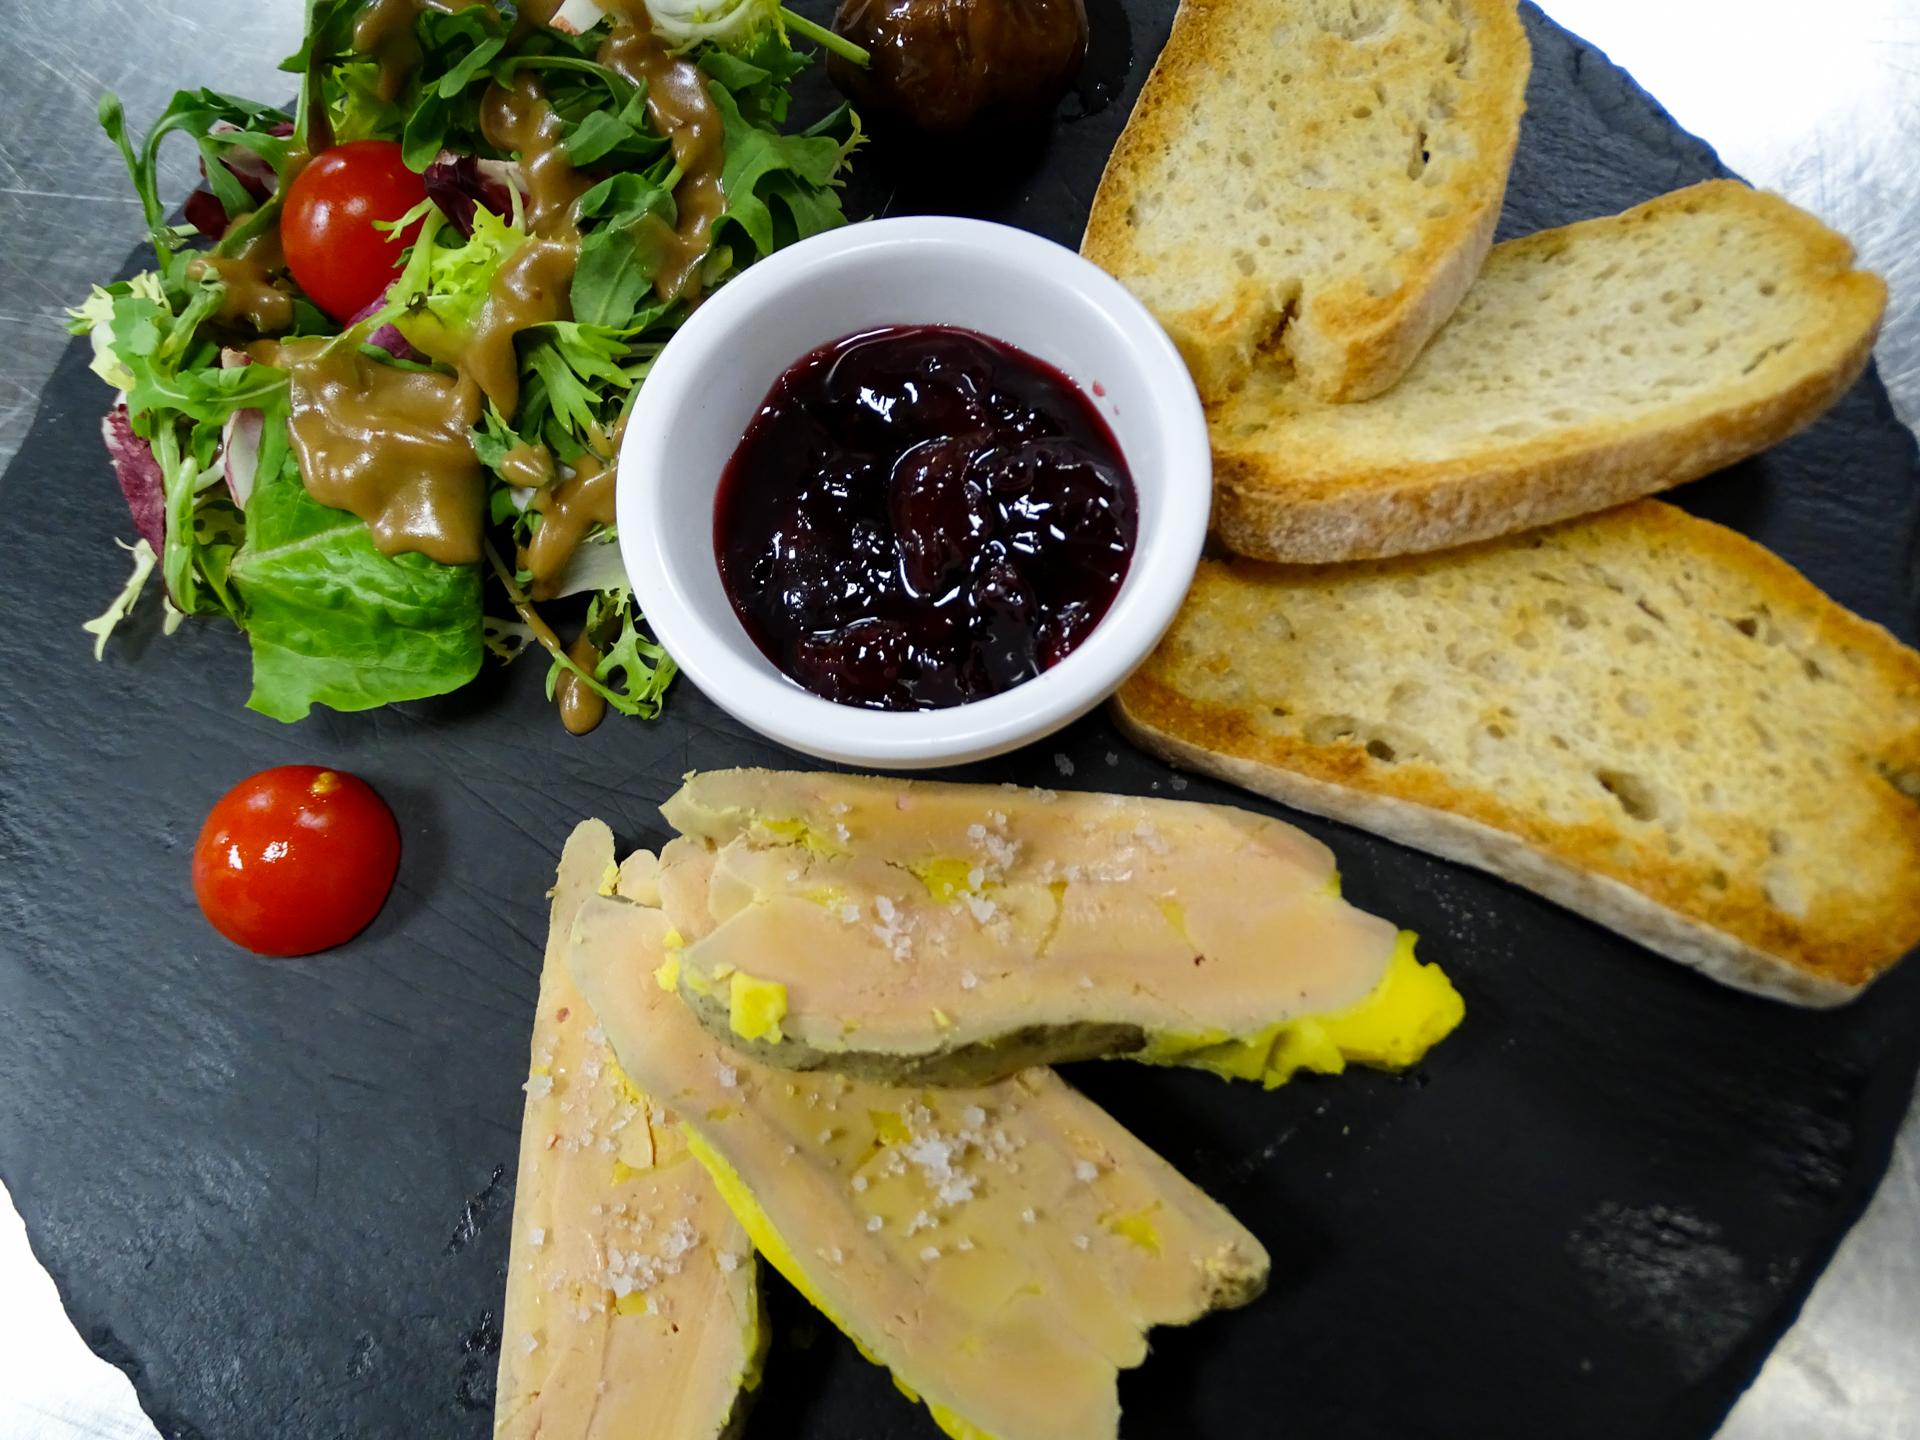 Assiette de foie gras, pains et salade